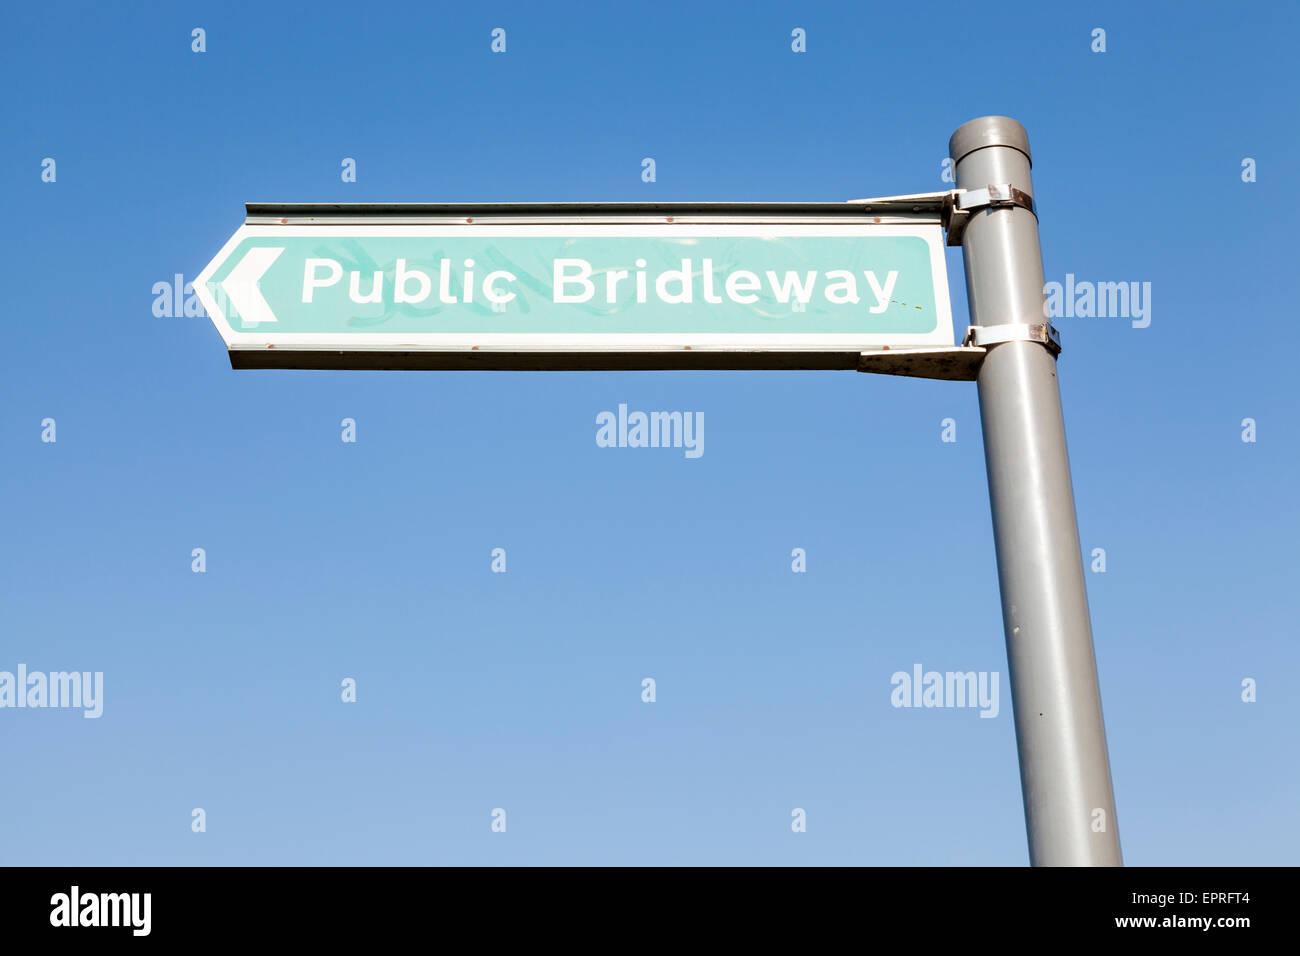 Public bridleway sign, England, UK - Stock Image